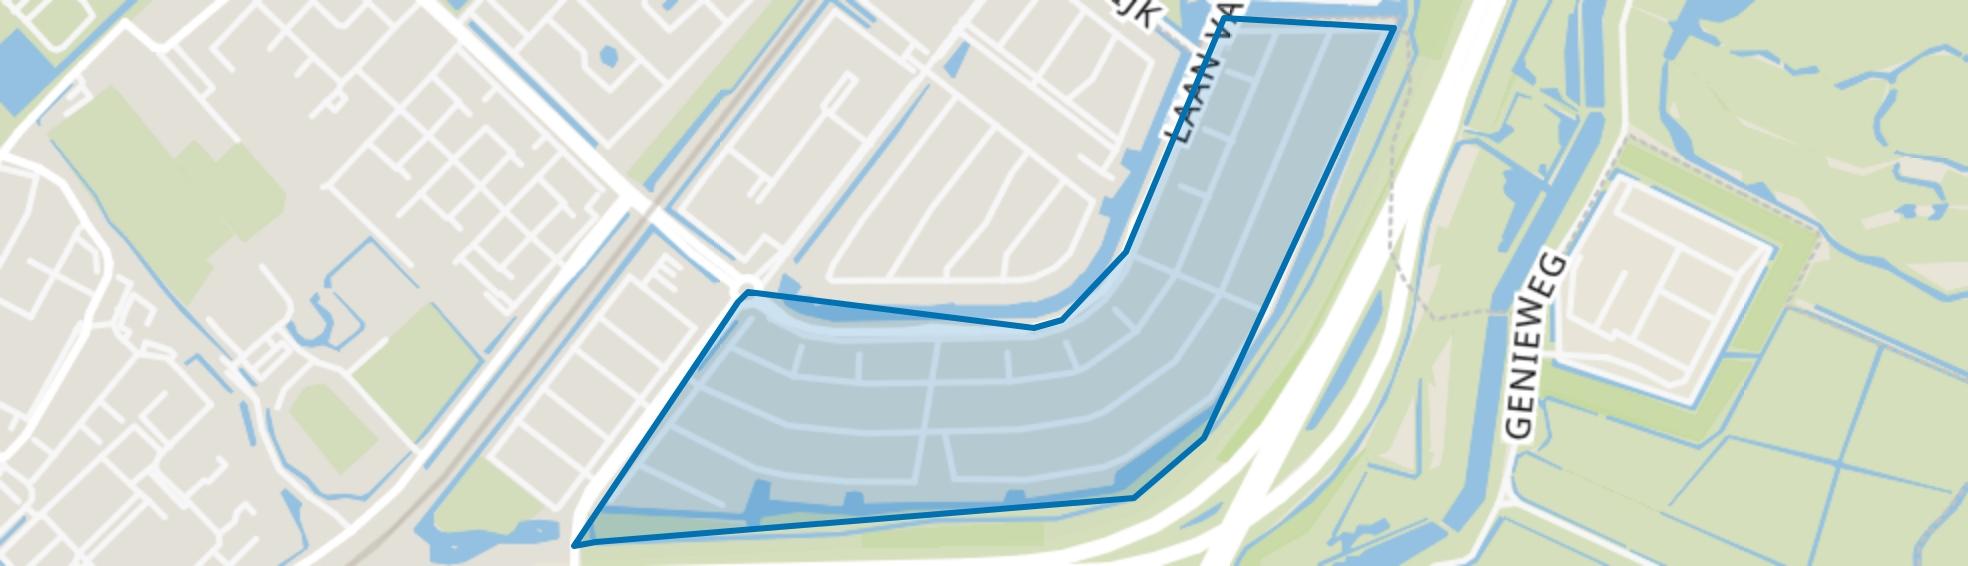 Lanen, Beverwijk map